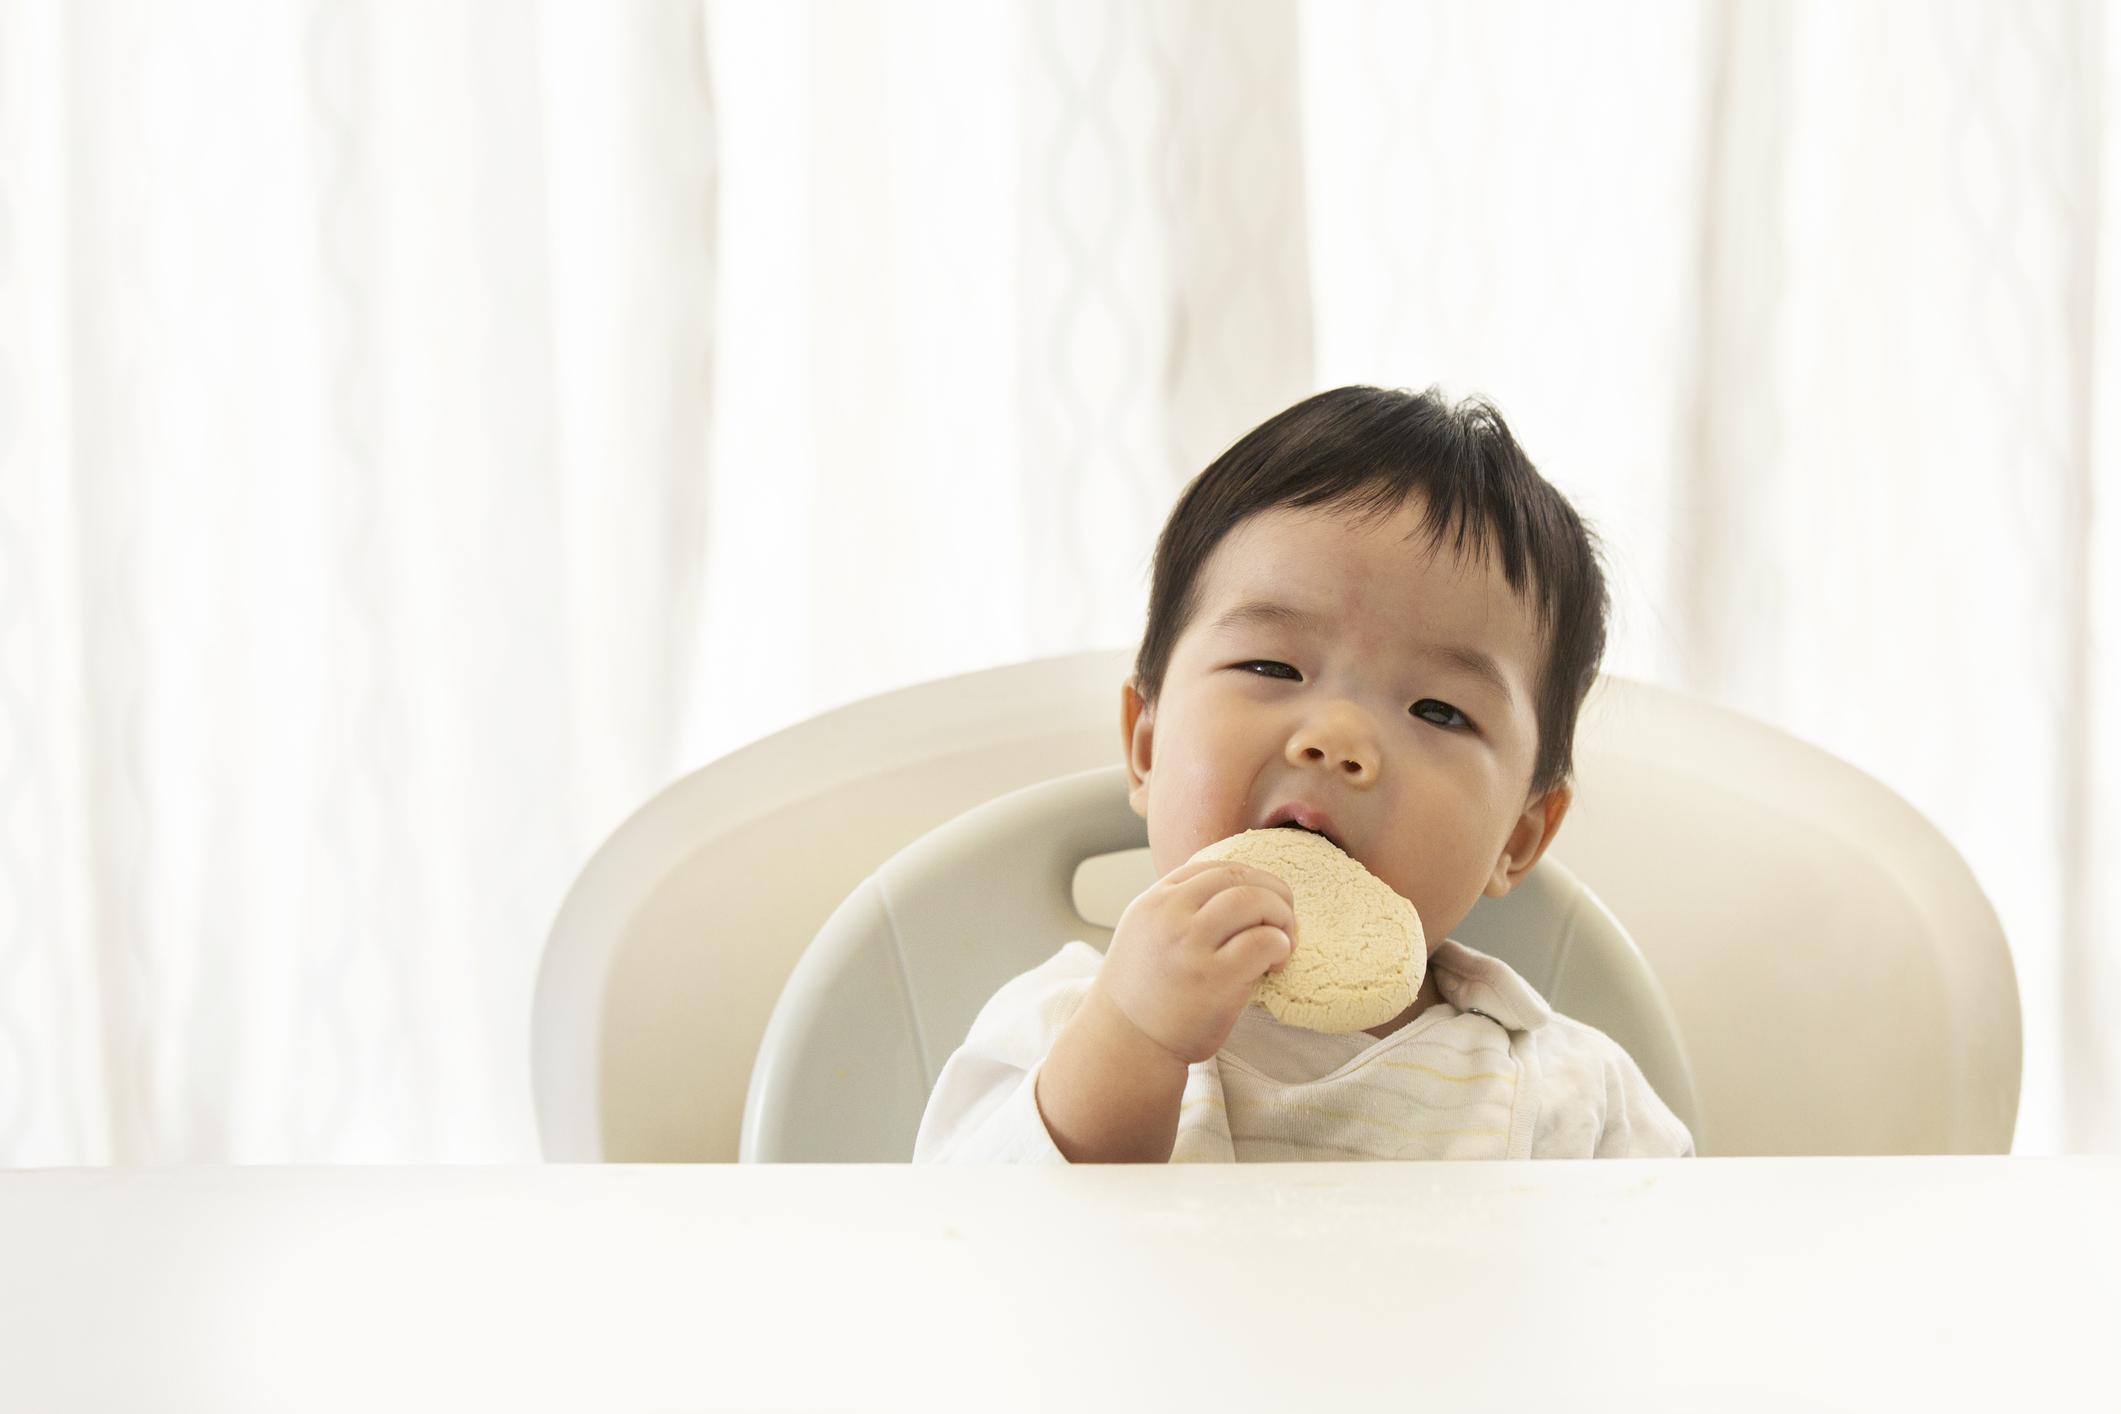 Criança comendo biscoito